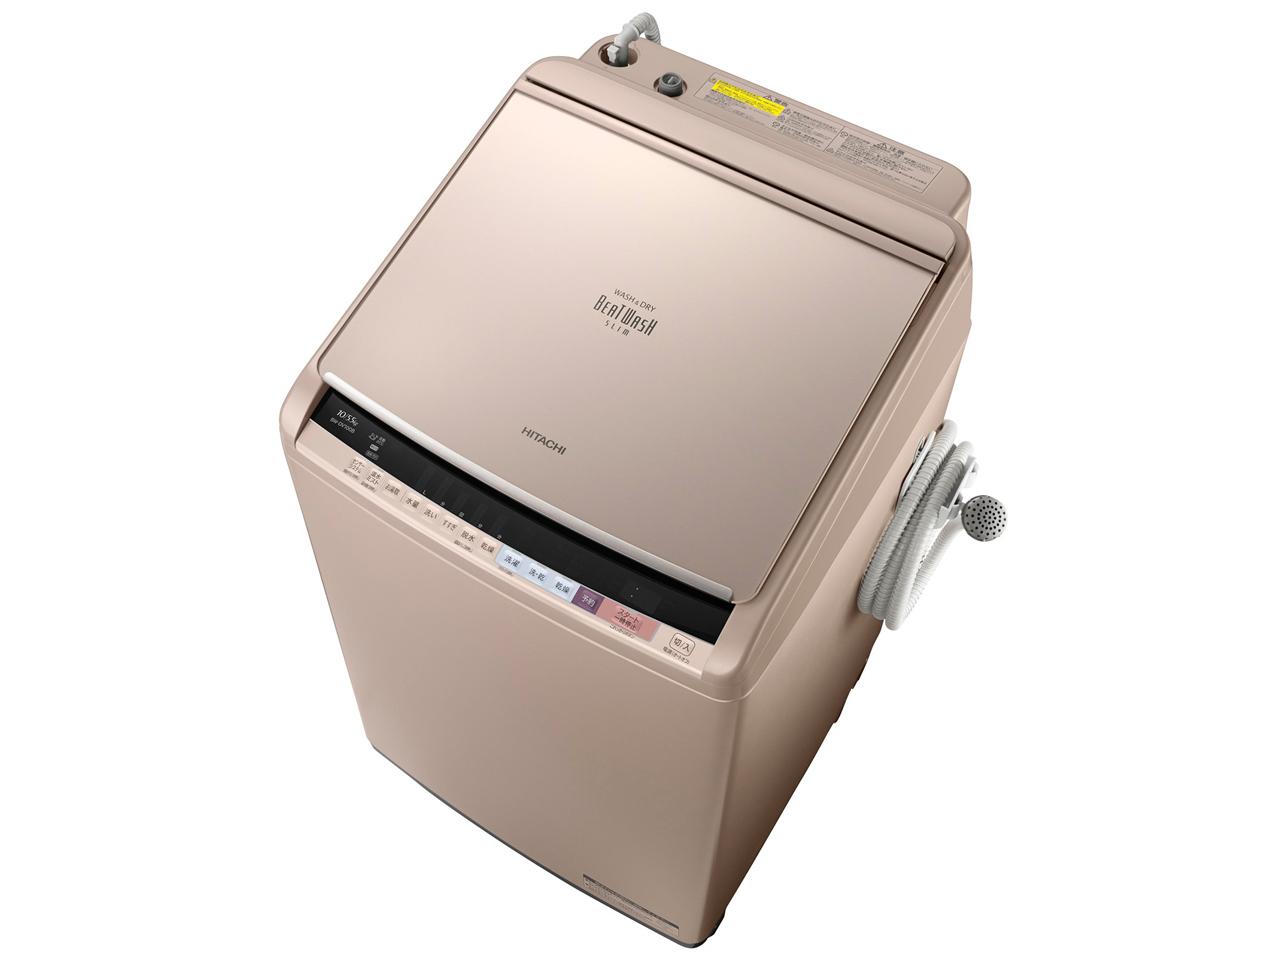 価格.com - ビートウォッシュ BW-DV100B の製品画像